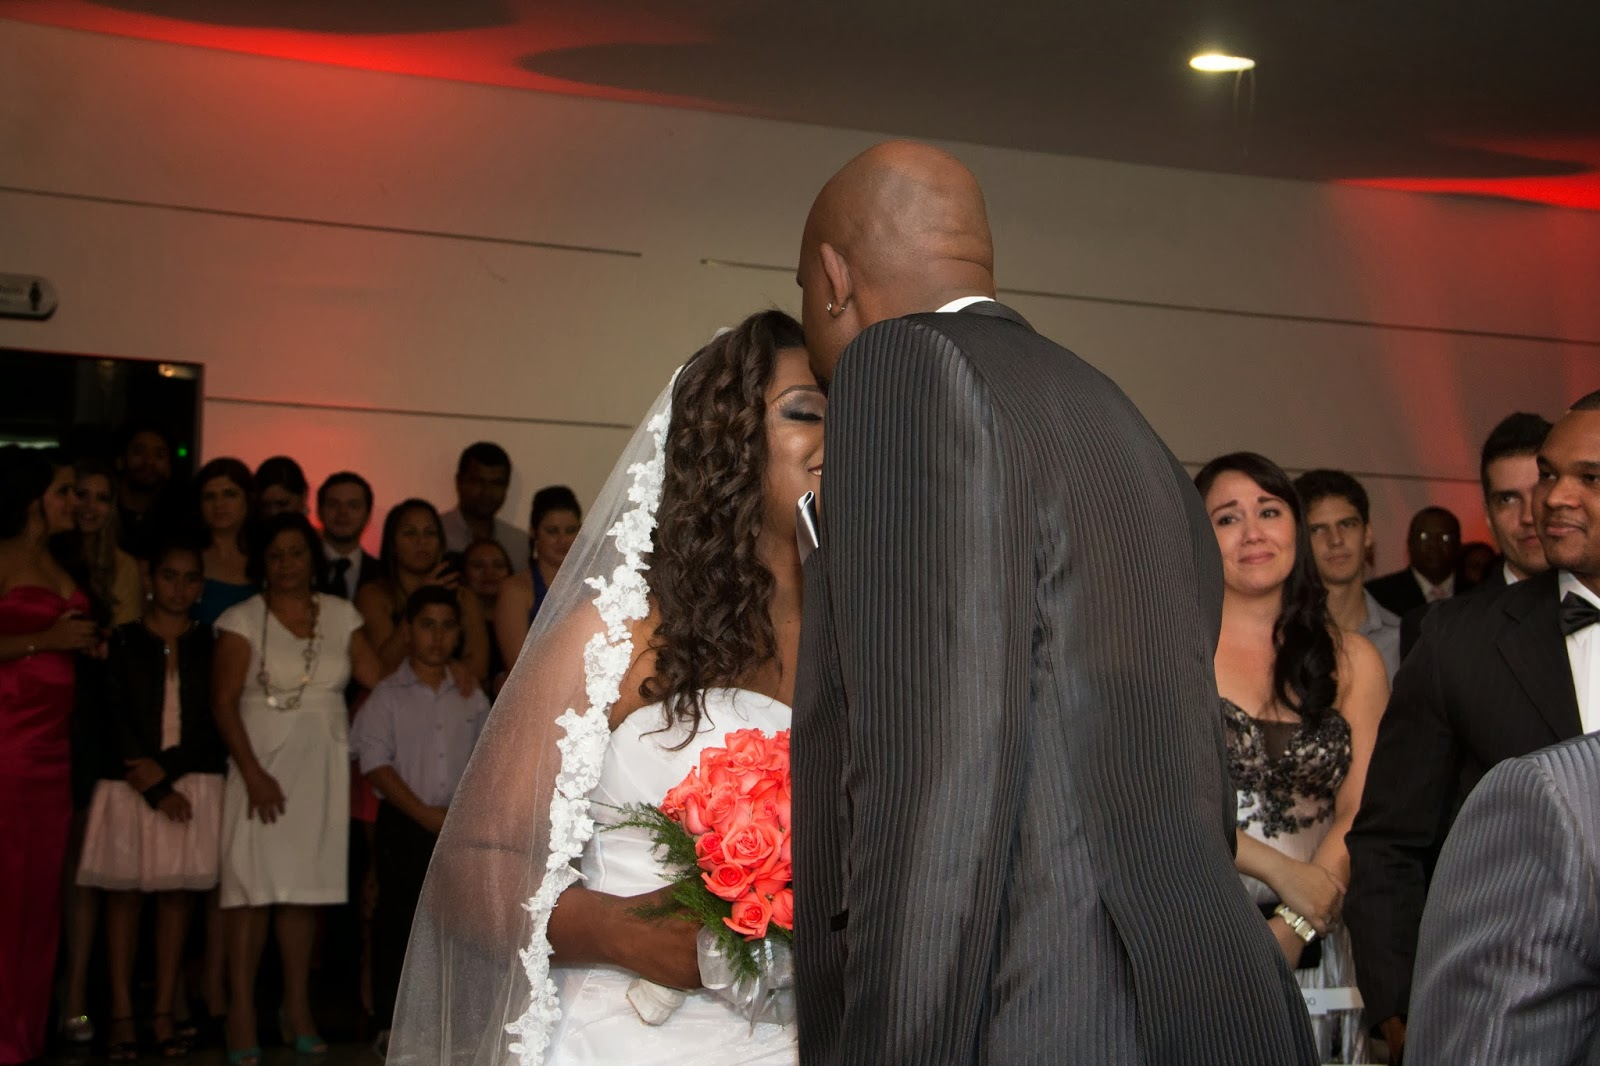 historia-amor-fe-cerimonia-noivos-beijo-testa